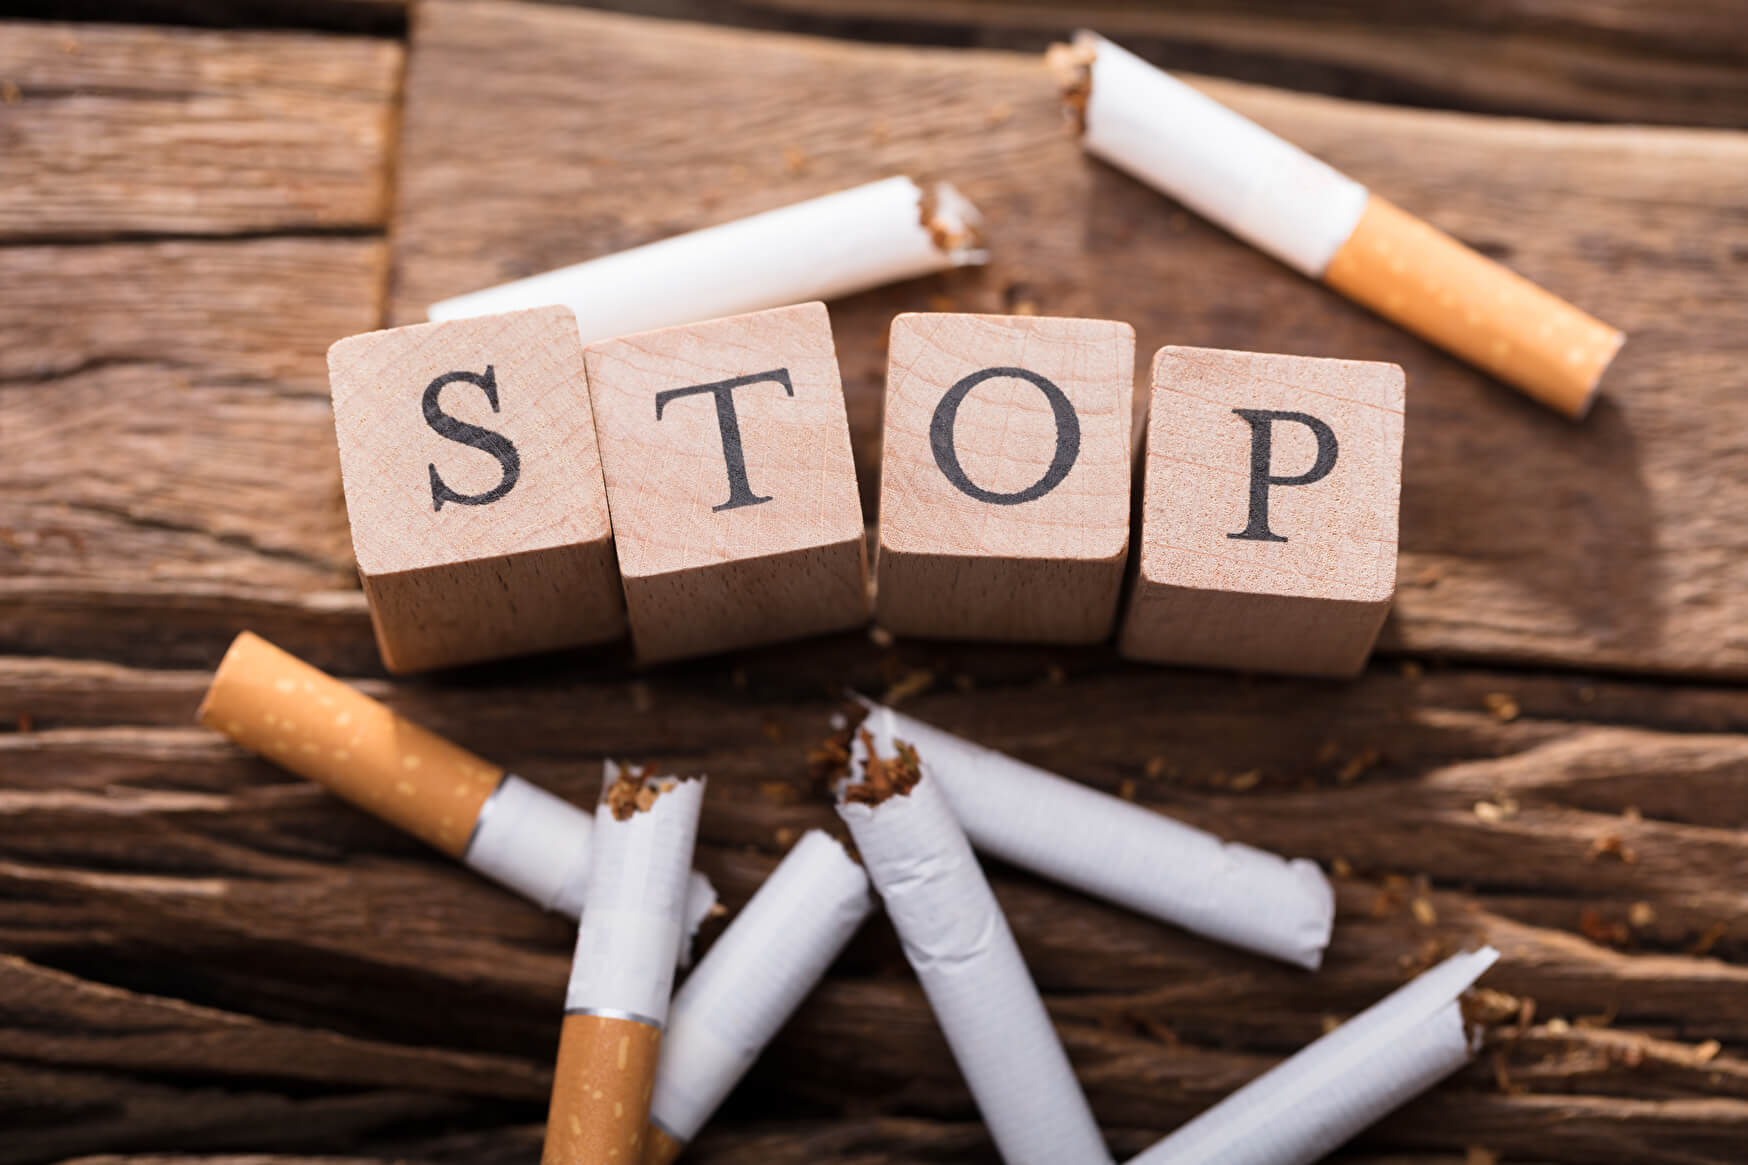 Rauchentwöhnung - 100% Rauchfrei werden